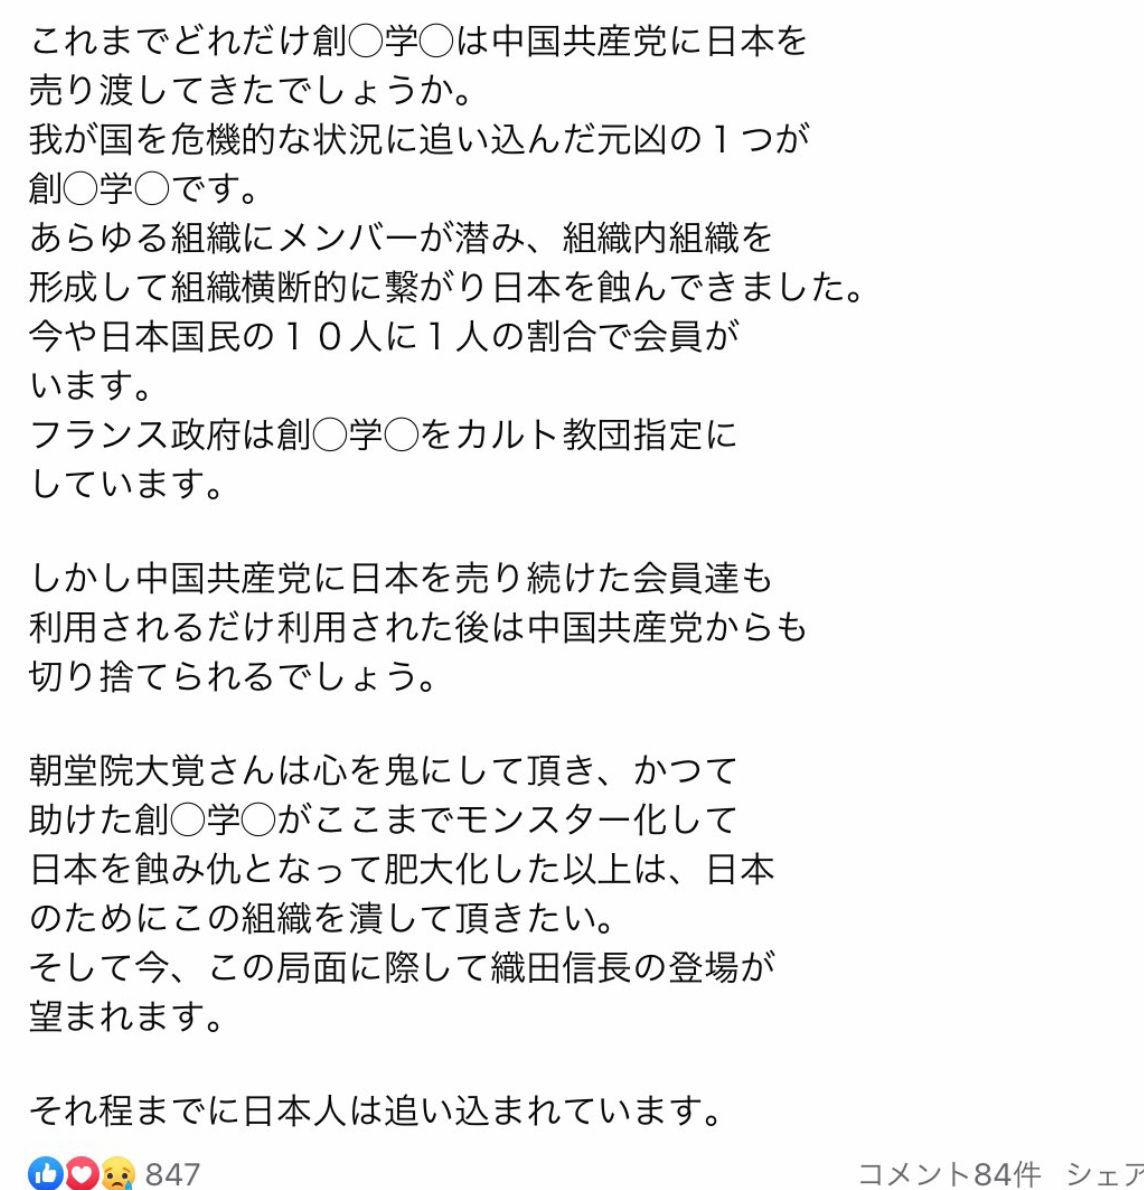 くるみぱん2 https://www.facebook.com/100004370282850/posts/196